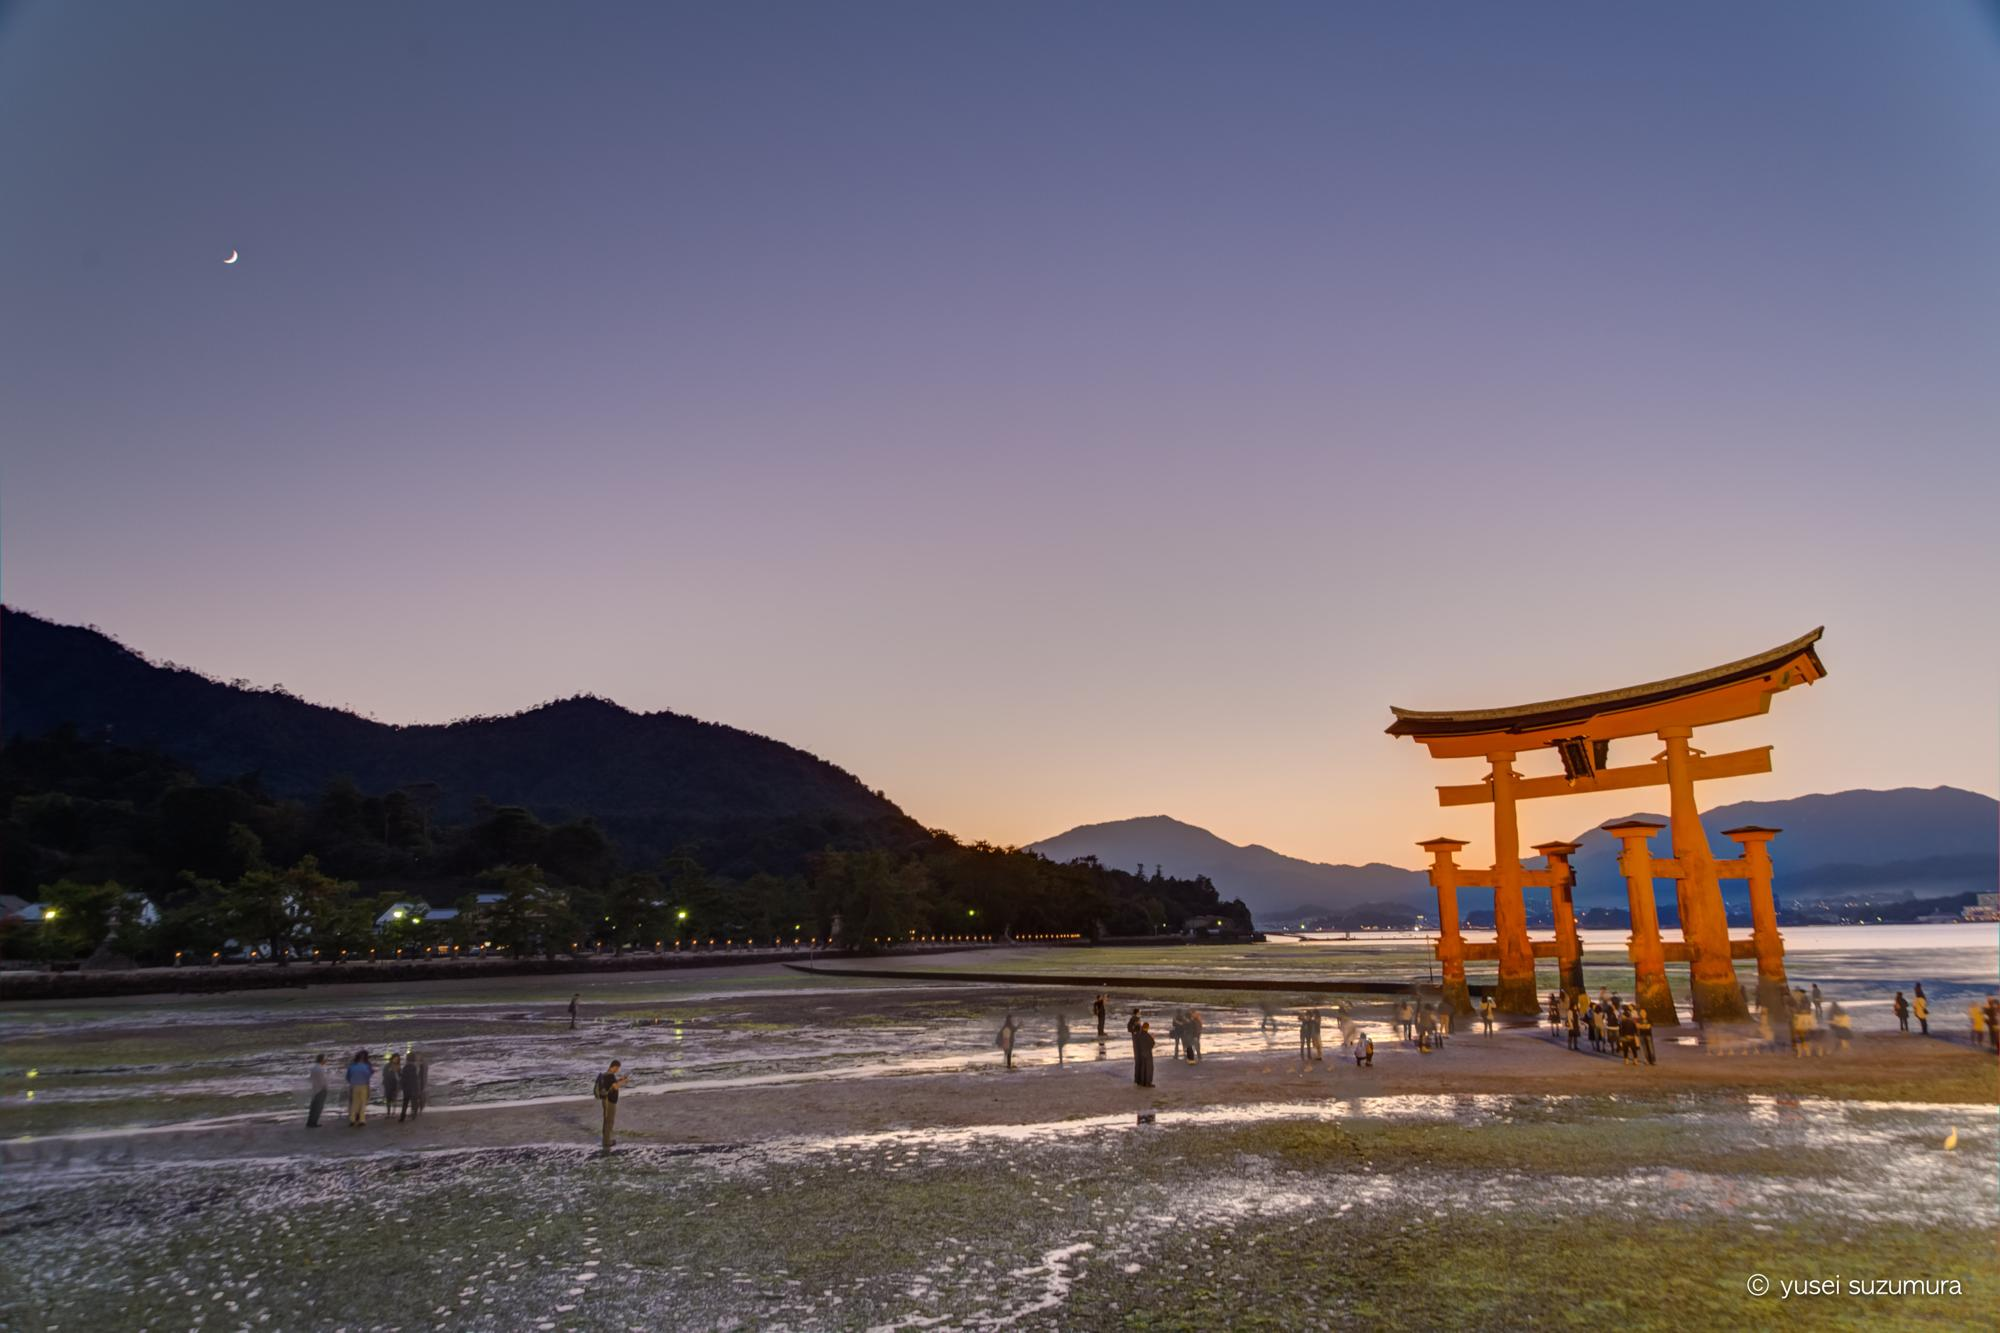 厳島神社 鳥居 夜の訪れ